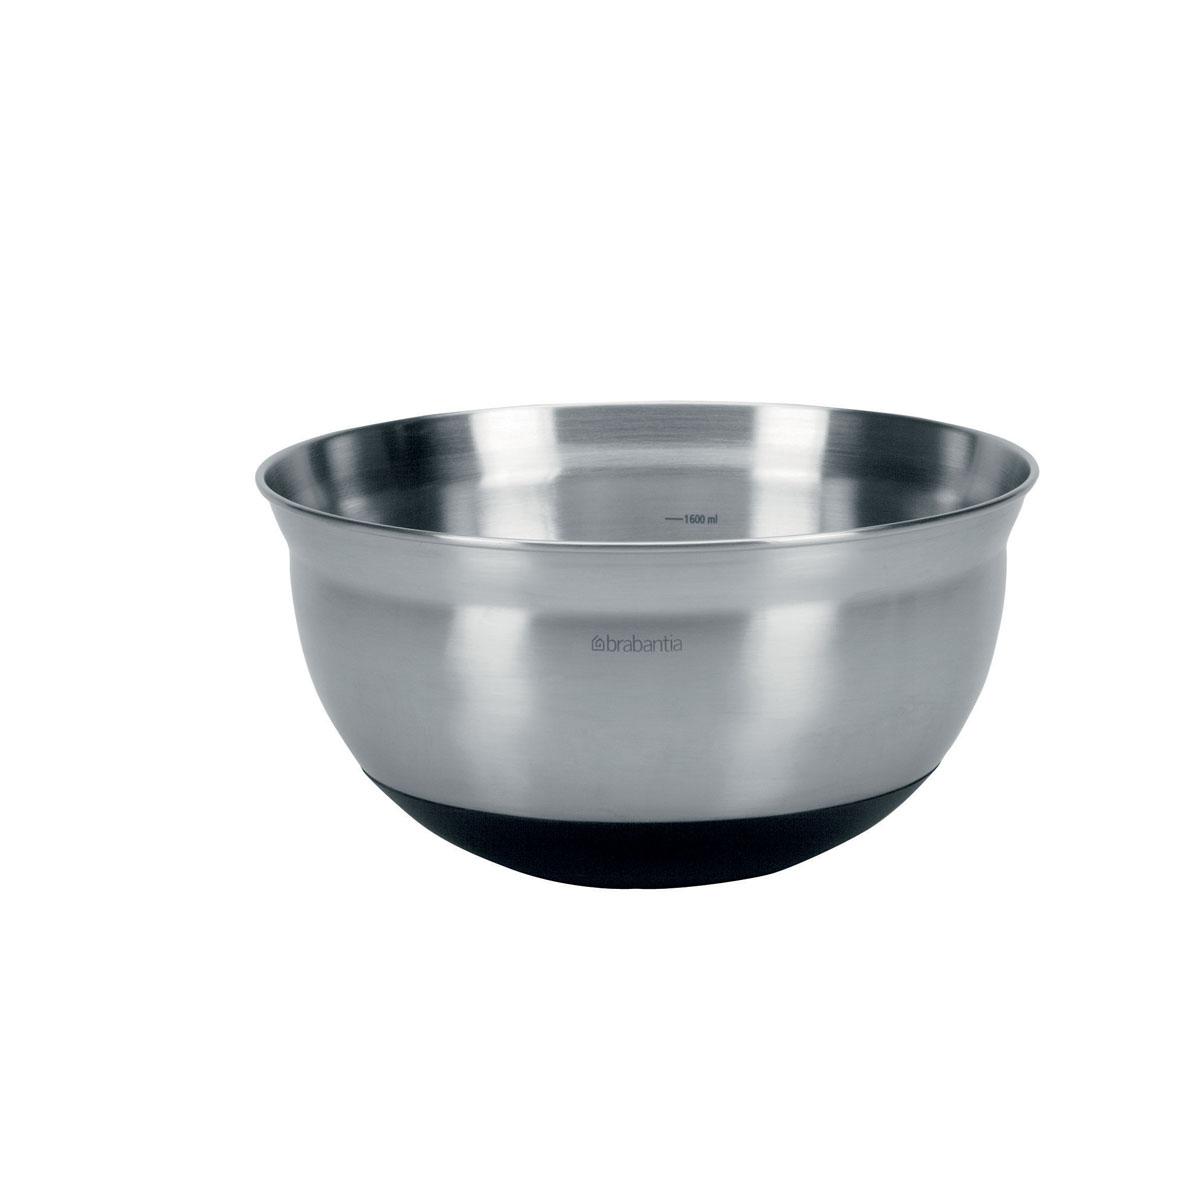 Салатник Brabantia, 1,6 л, цвет: стальной матовый, 363849363849Устойчивость и отсутствие царапин на поверхности стола – основание снескользящим покрытием.Подходит для смешивания горячих ингредиентов – термостойкое покрытие(220°С). Удобная в использовании – мерные деления на внутренней поверхности.Прочная и удобная в очистке – изготовлена из нержавеющей стали.